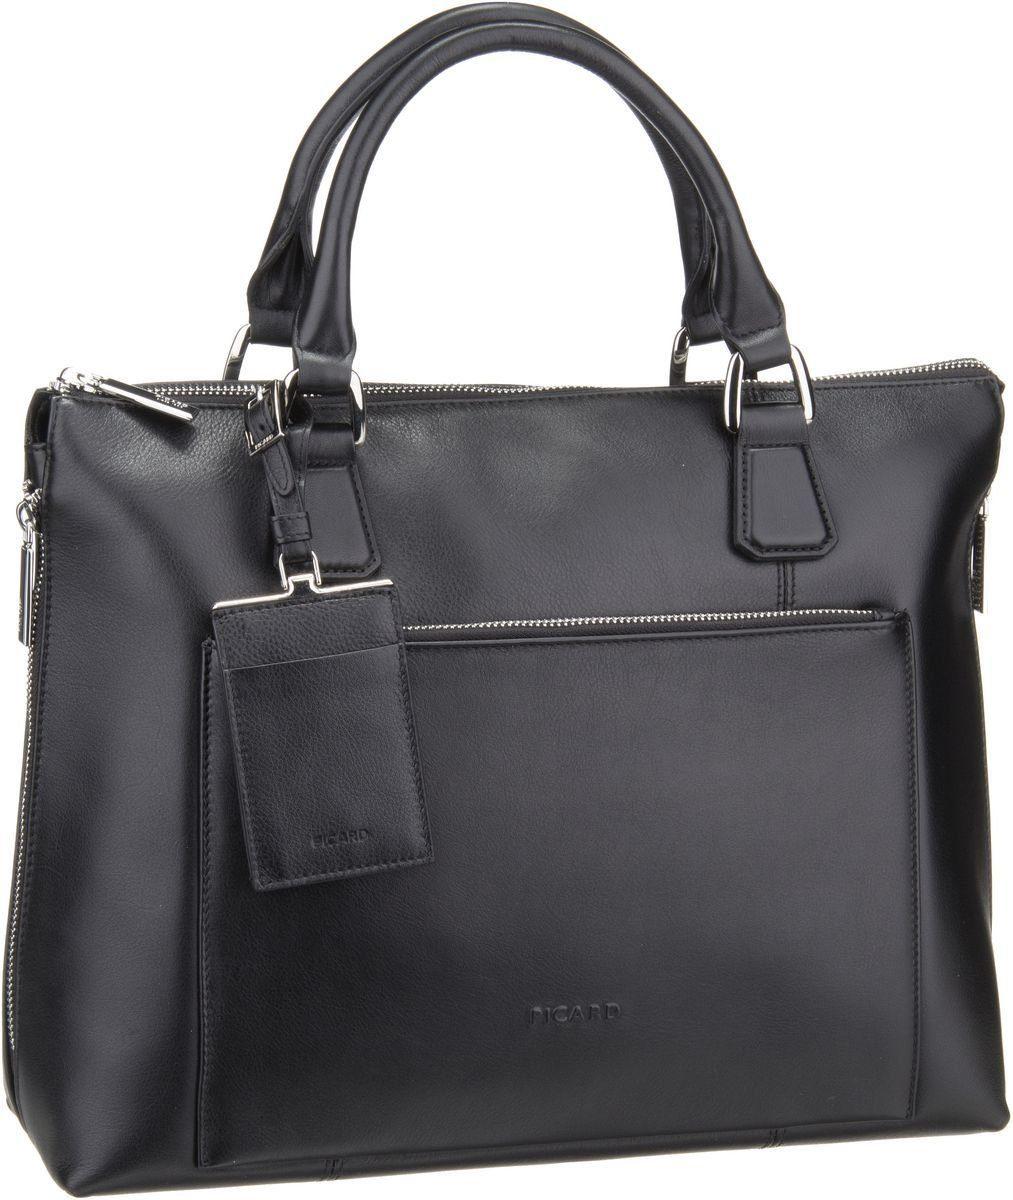 Picard Handtasche »Maggie 9062«